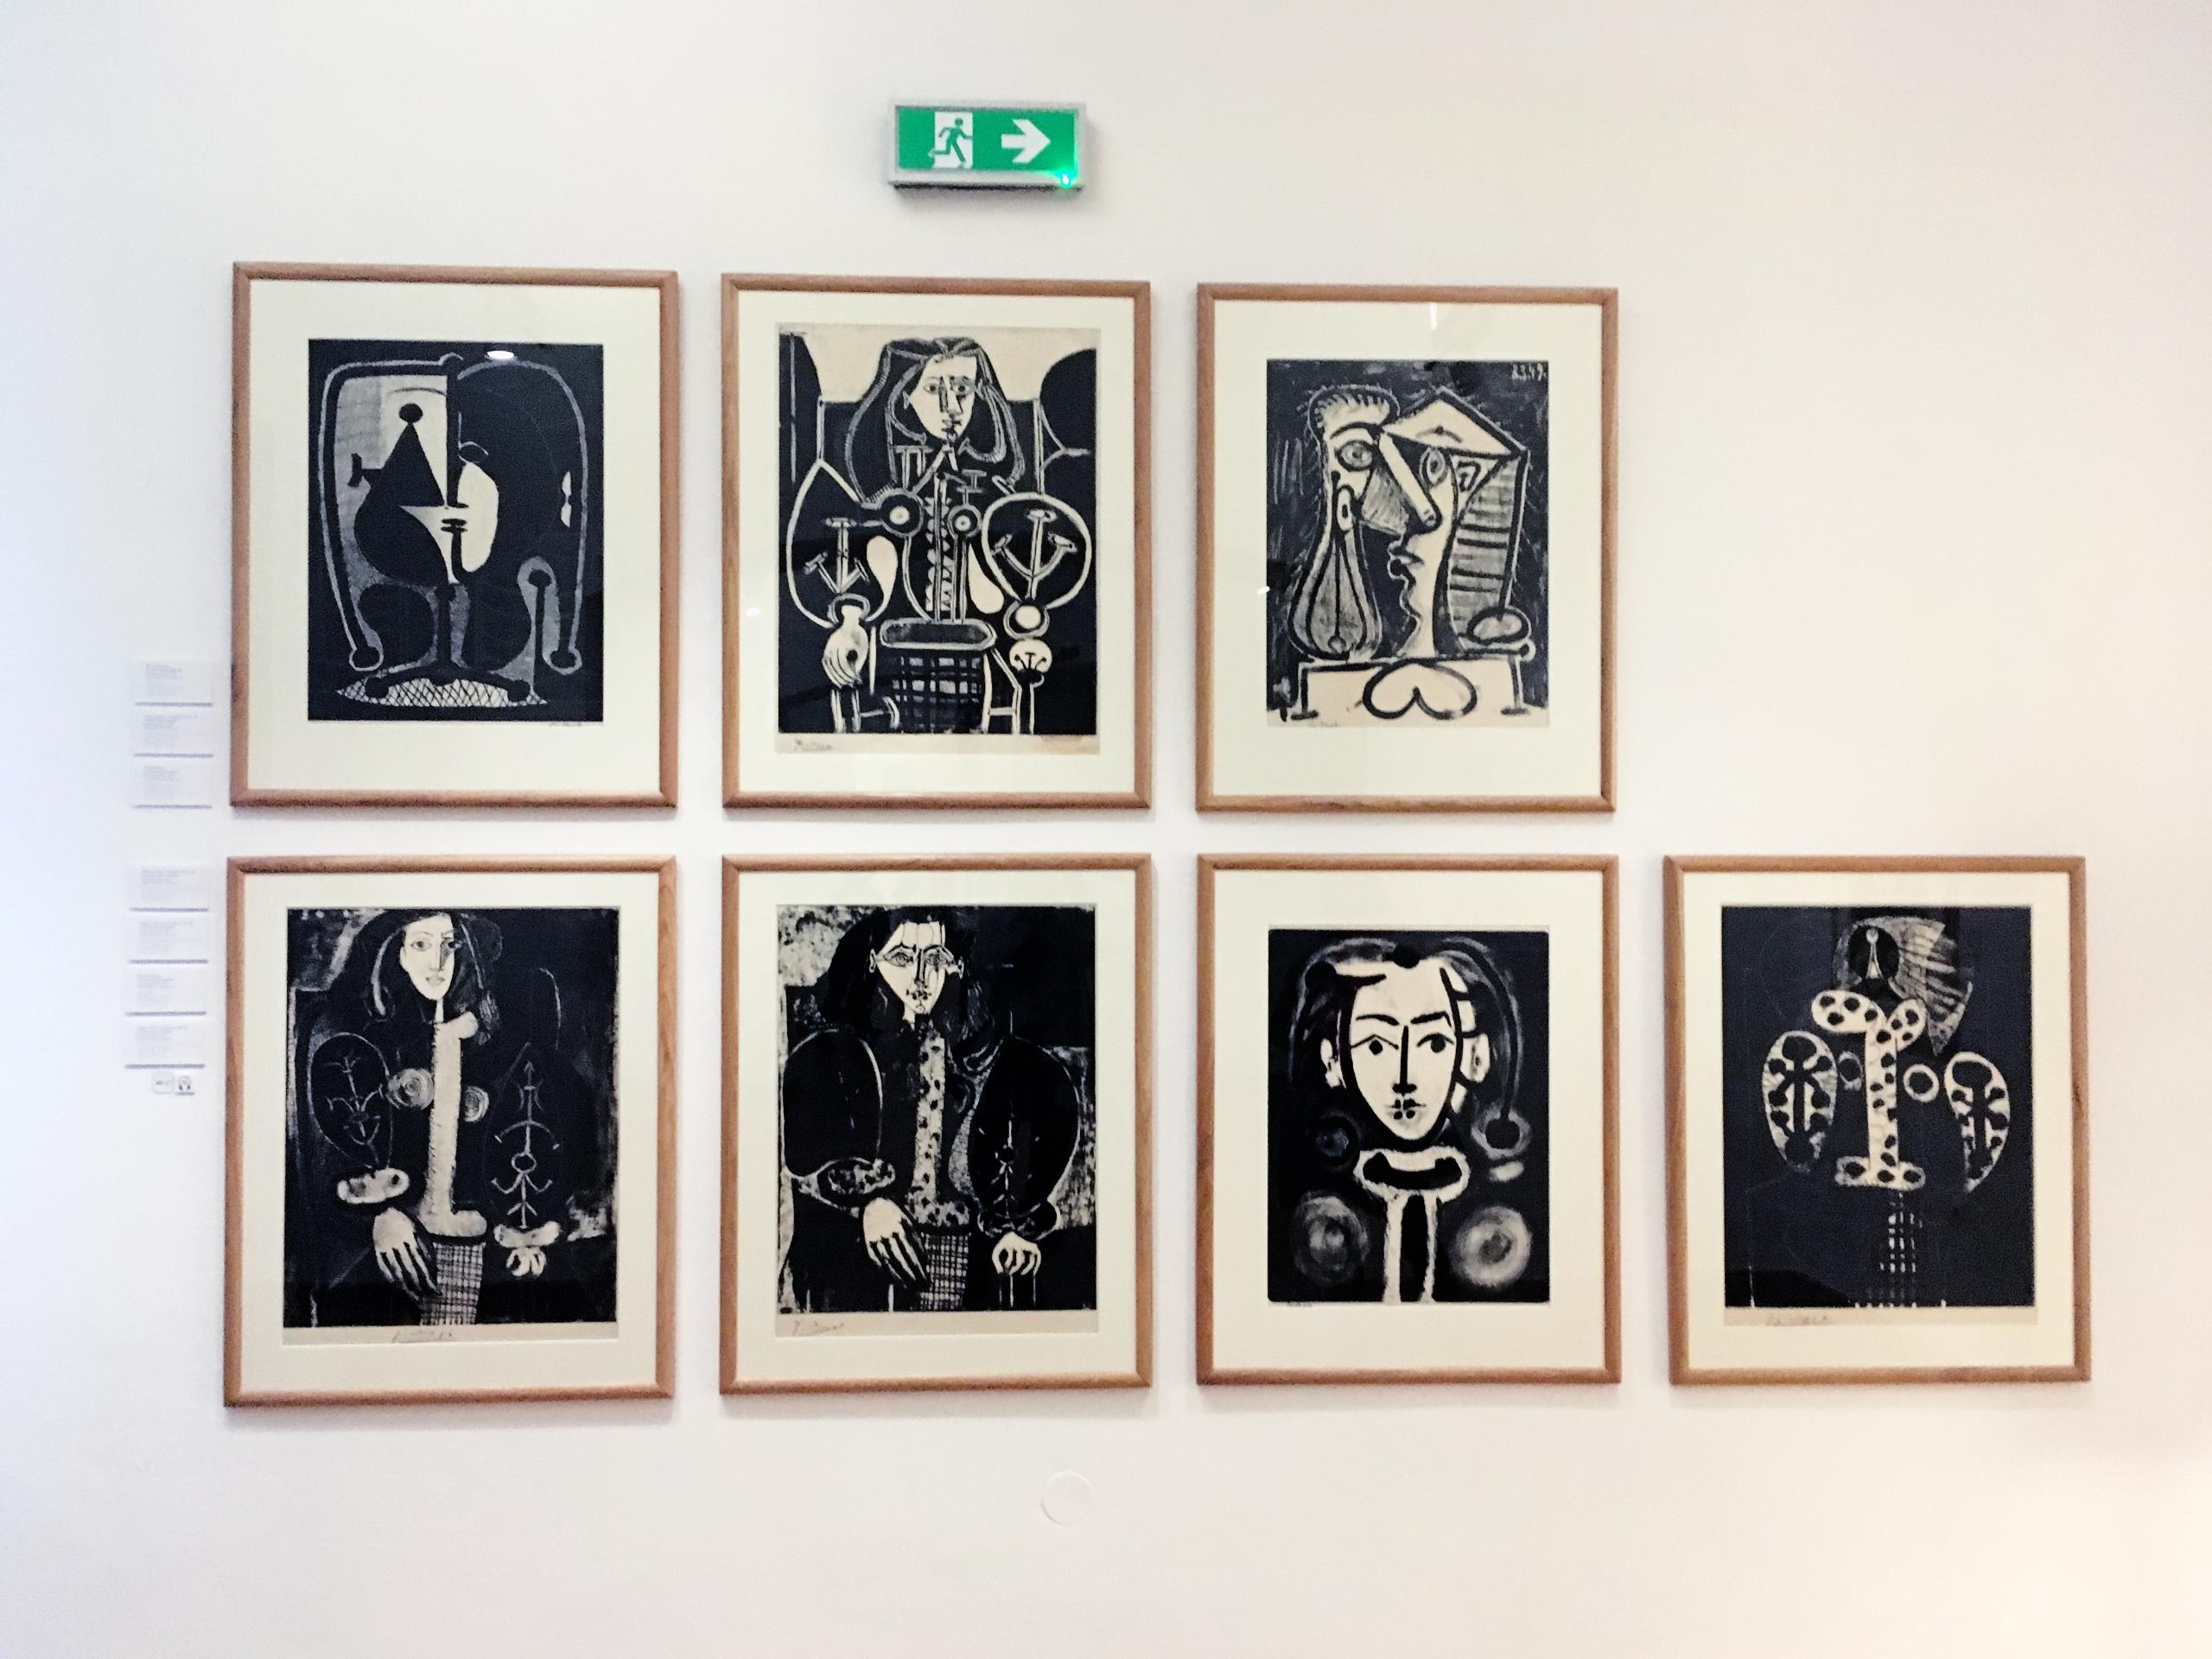 Zdjęcie przedstawia serię siedmiu prac wykonanych w technice graficznej, zawieszonych na białej ścianie.